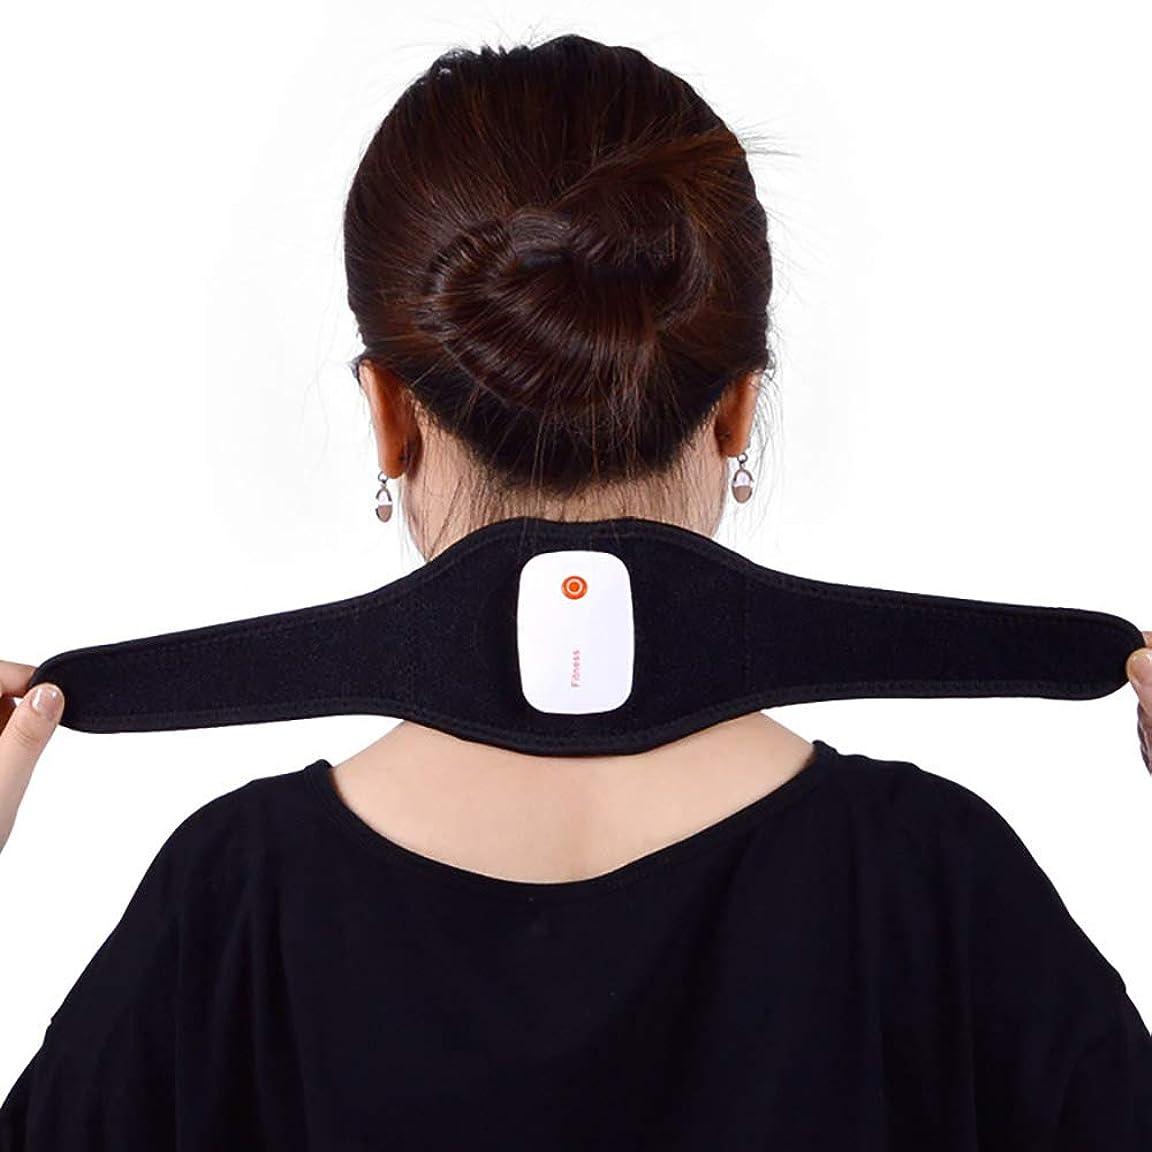 ソケット現象懐USB頚部首の肩のマッサージャー、APPのスマートな頚部マッサージャーの多機能の脈拍の首の理学療法のマッサージャー電気暖房+自己発熱の遠赤外線のサーモセラピーの技術